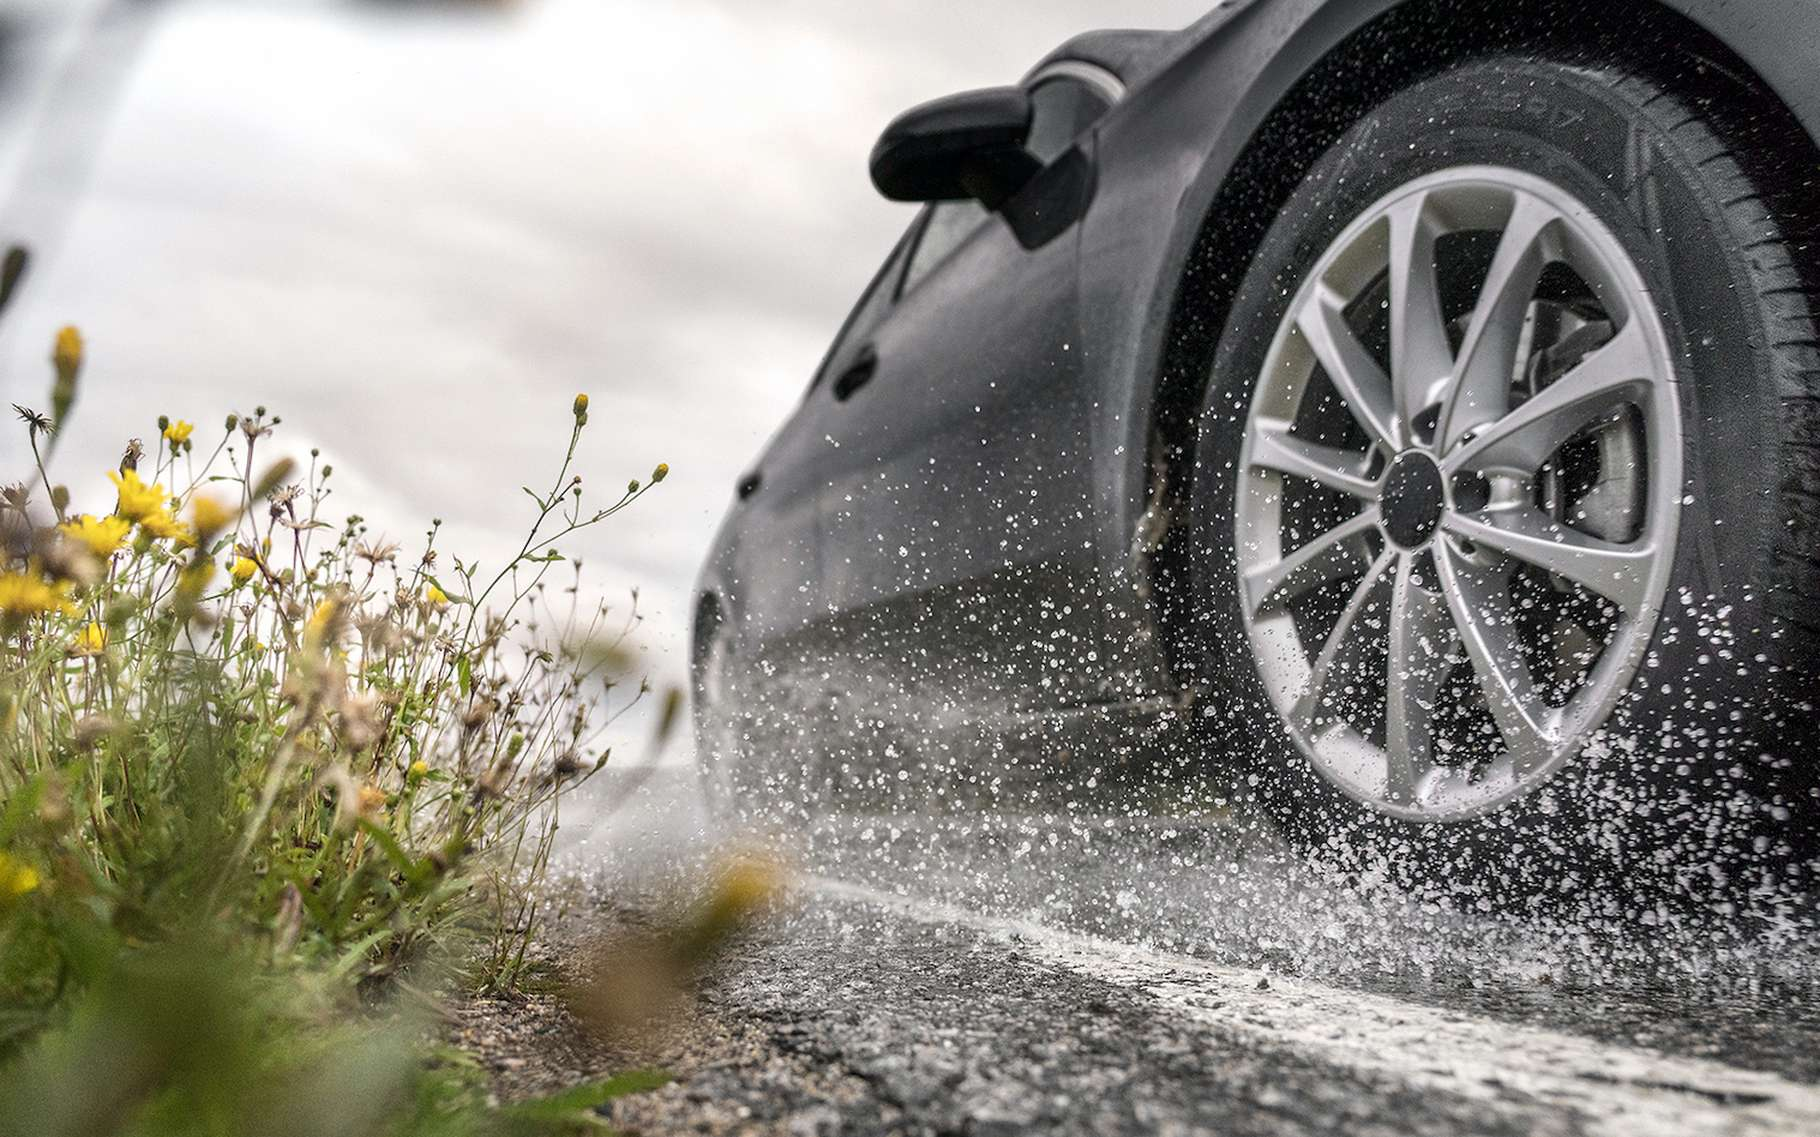 Lorsque la pluie tombe, le risque d'aquaplaning augmente. Mais il existe quelques astuces qui permettent de le limiter. © Nokian Tyres